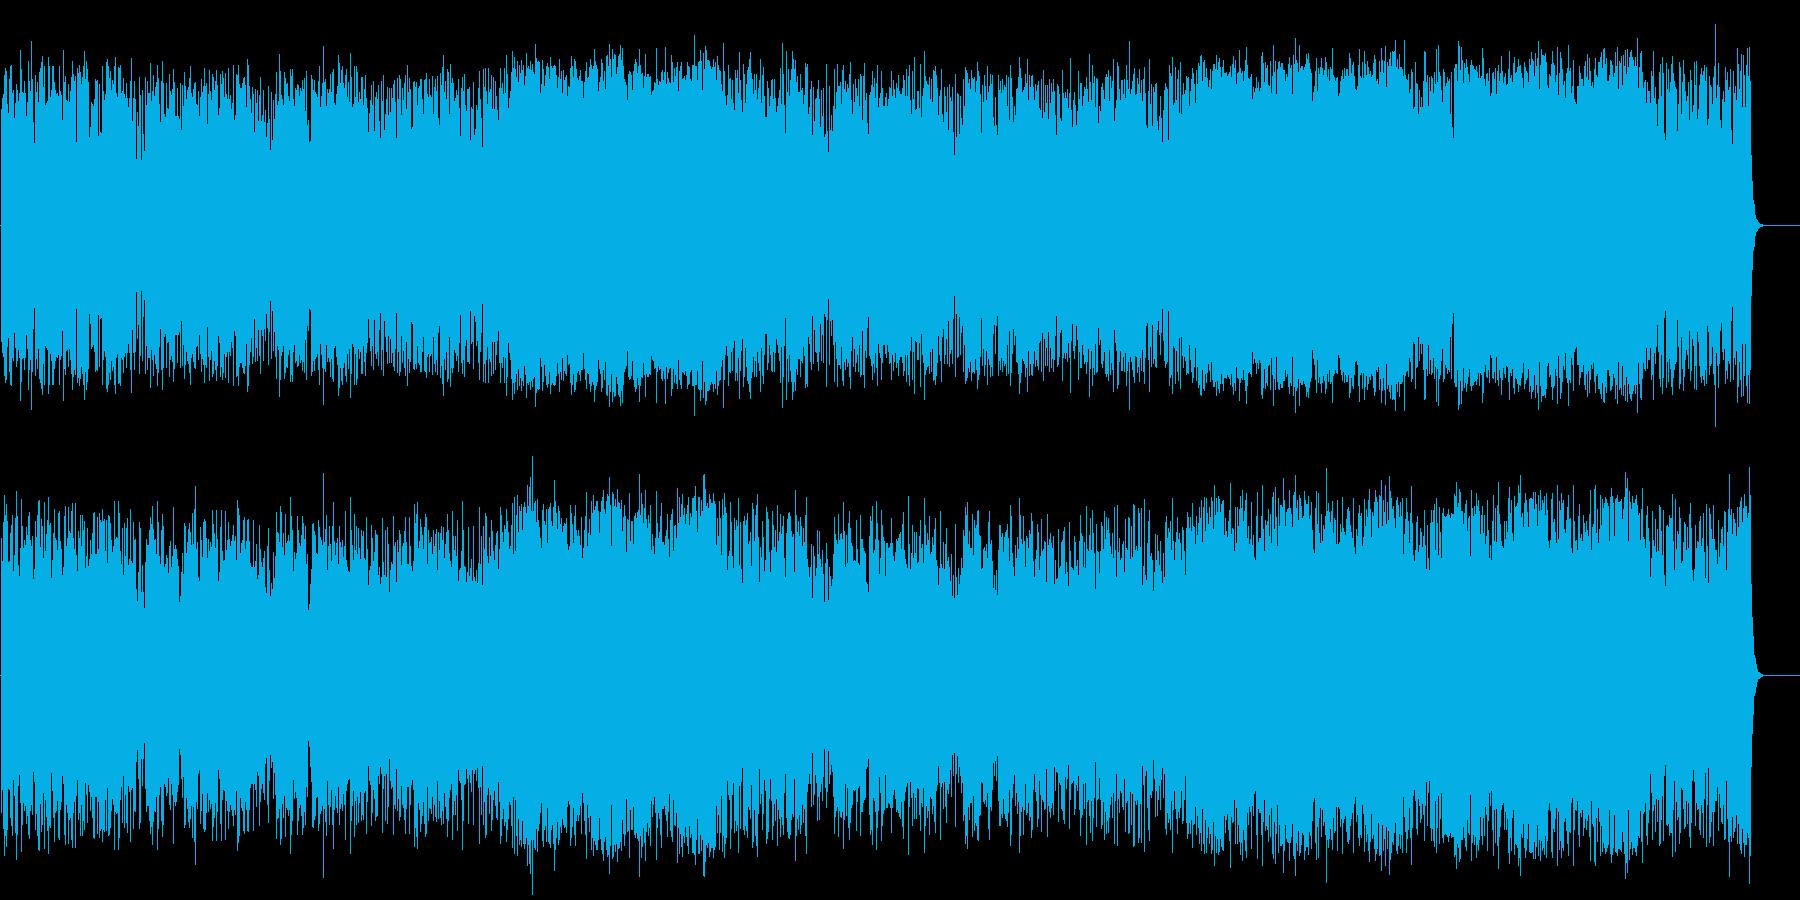 元気で軽快なポップス(フルサイズ)の再生済みの波形